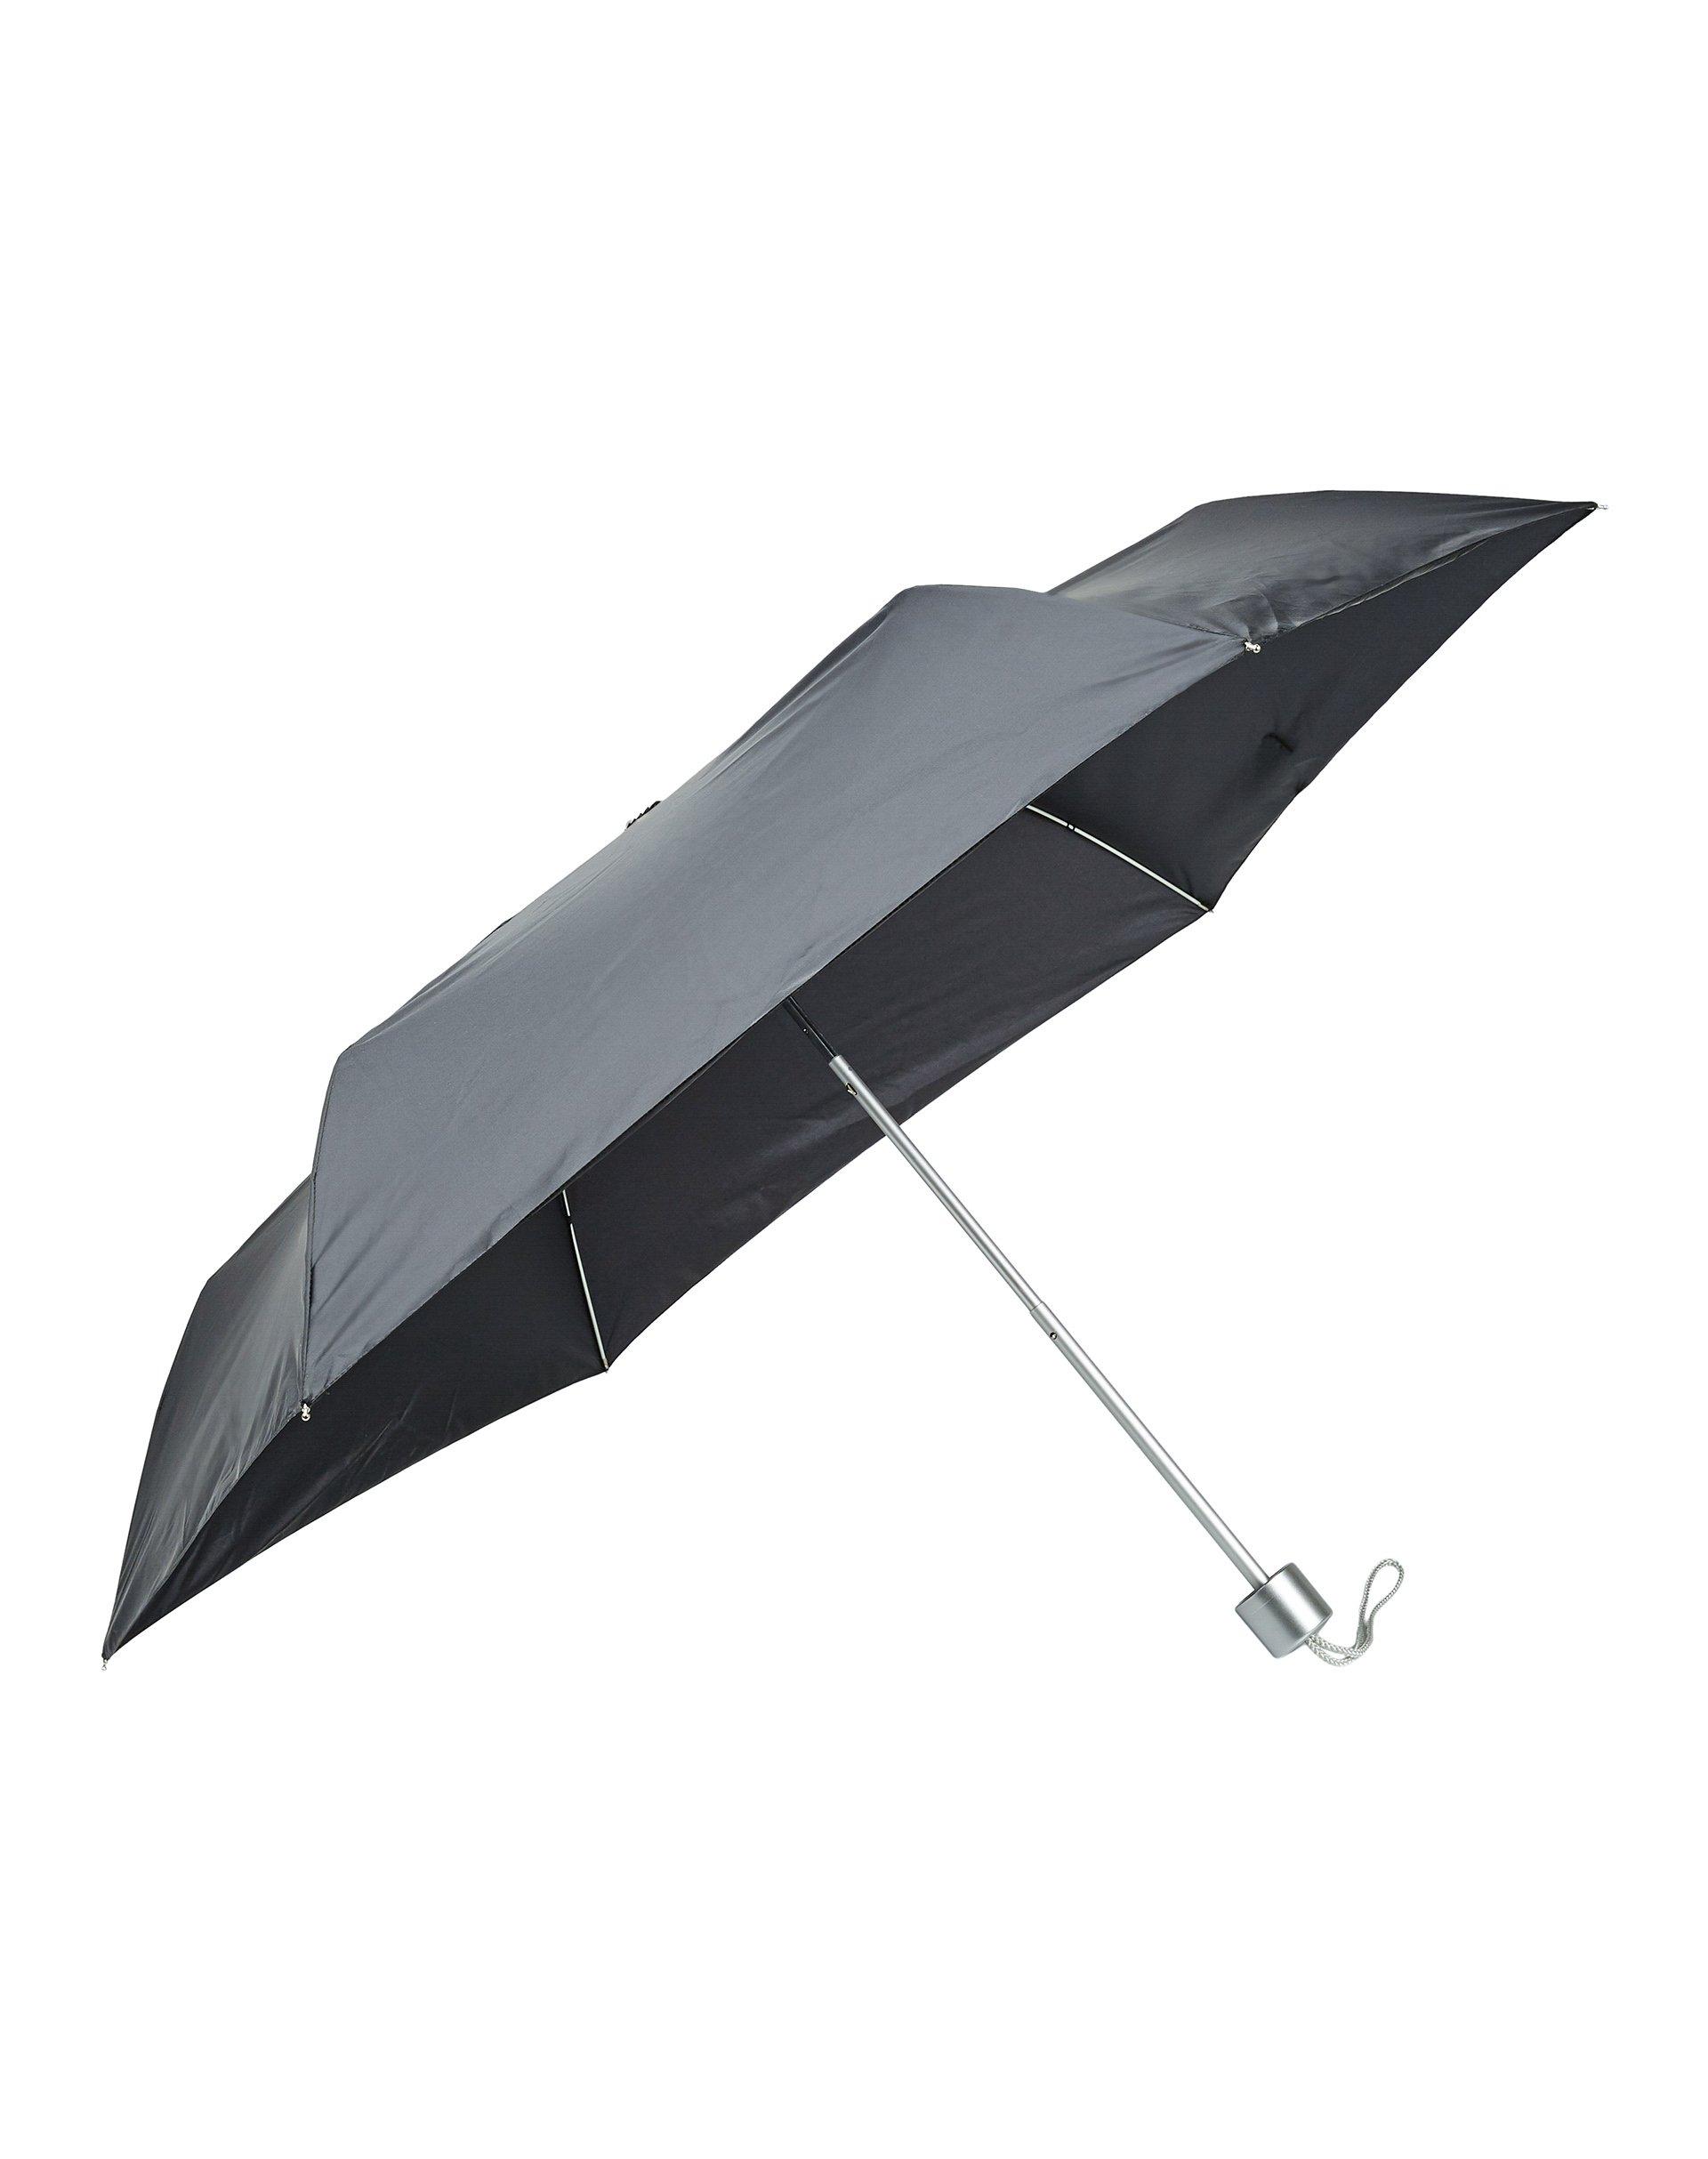 ЗонтЗонты<br>Зонт складной из ткани с рисунком и с чехлом в тон.<br>Цвет: Серый; Размер: ST;